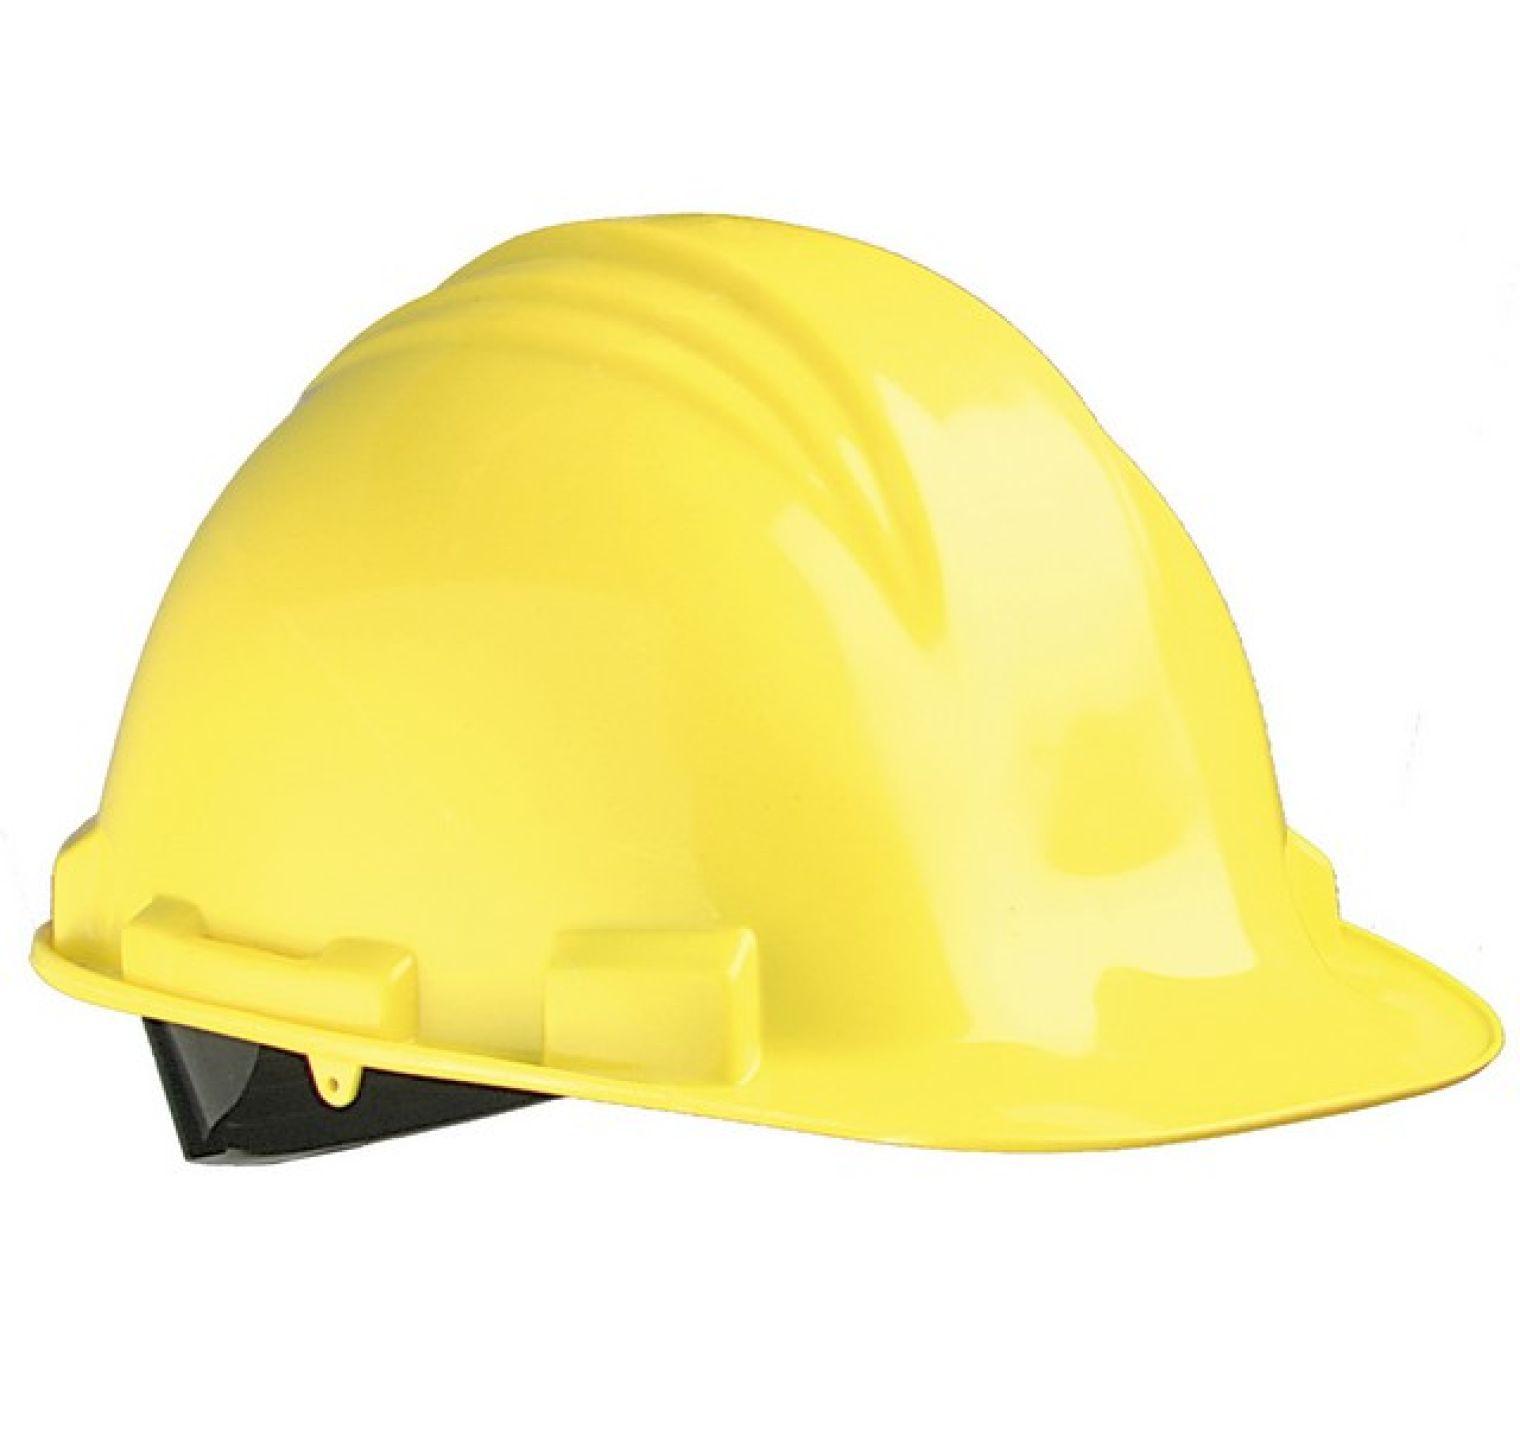 Veiligheidshelm A-safe A79 Geel